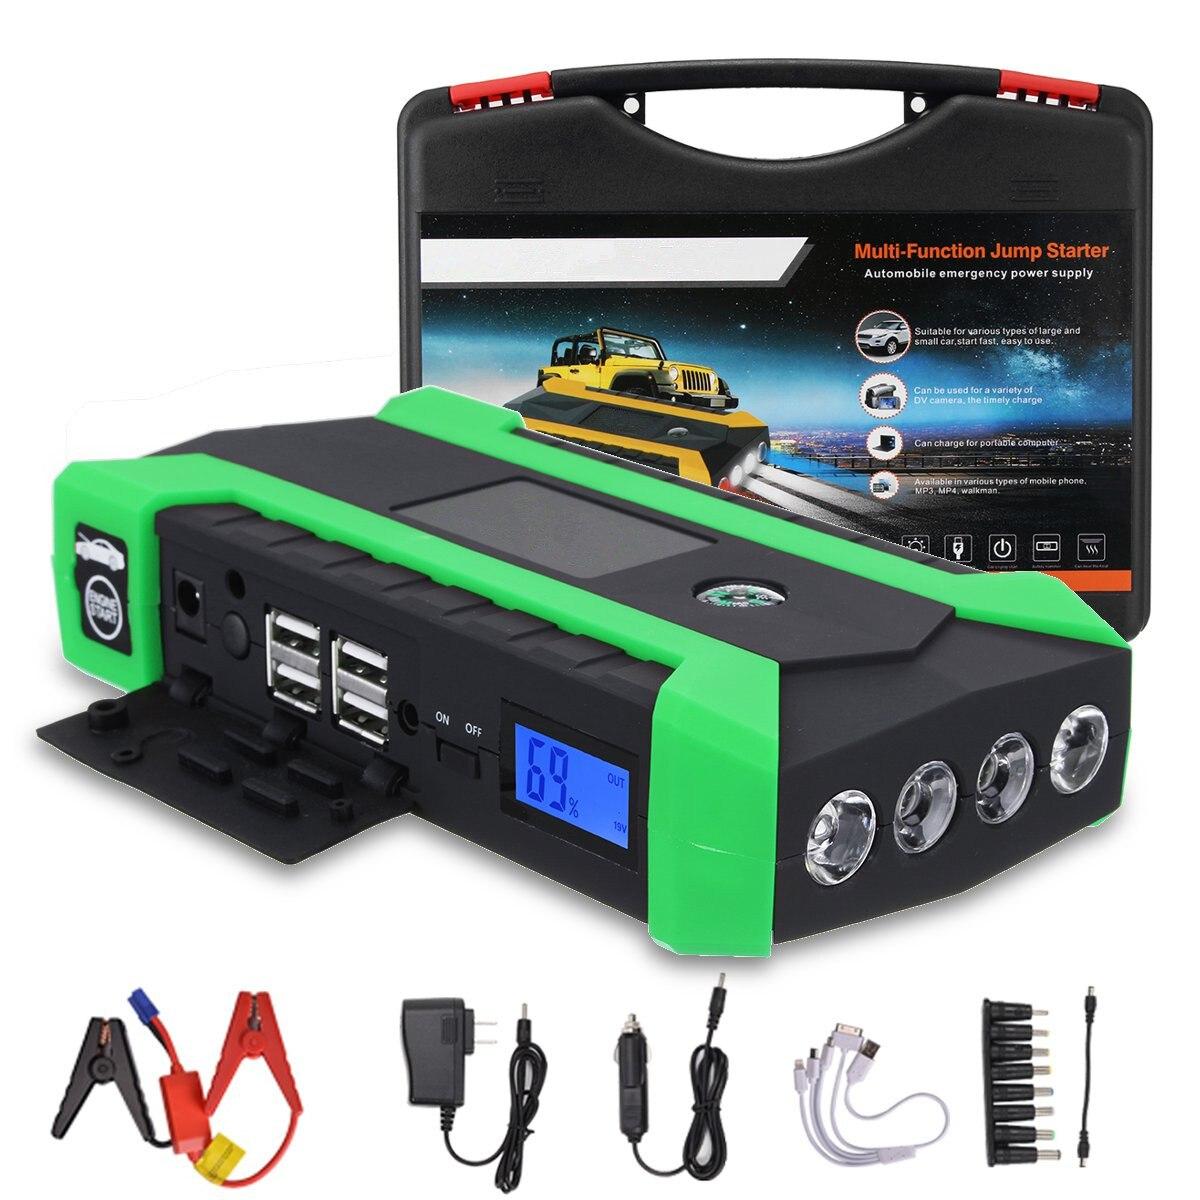 89800 mAh 600A 12 V 4USB Voiture Jump Starter Portable amplificateur de batterie De Voiture Chargeur Booster batterie externe Dispositif de Démarrage De Voiture